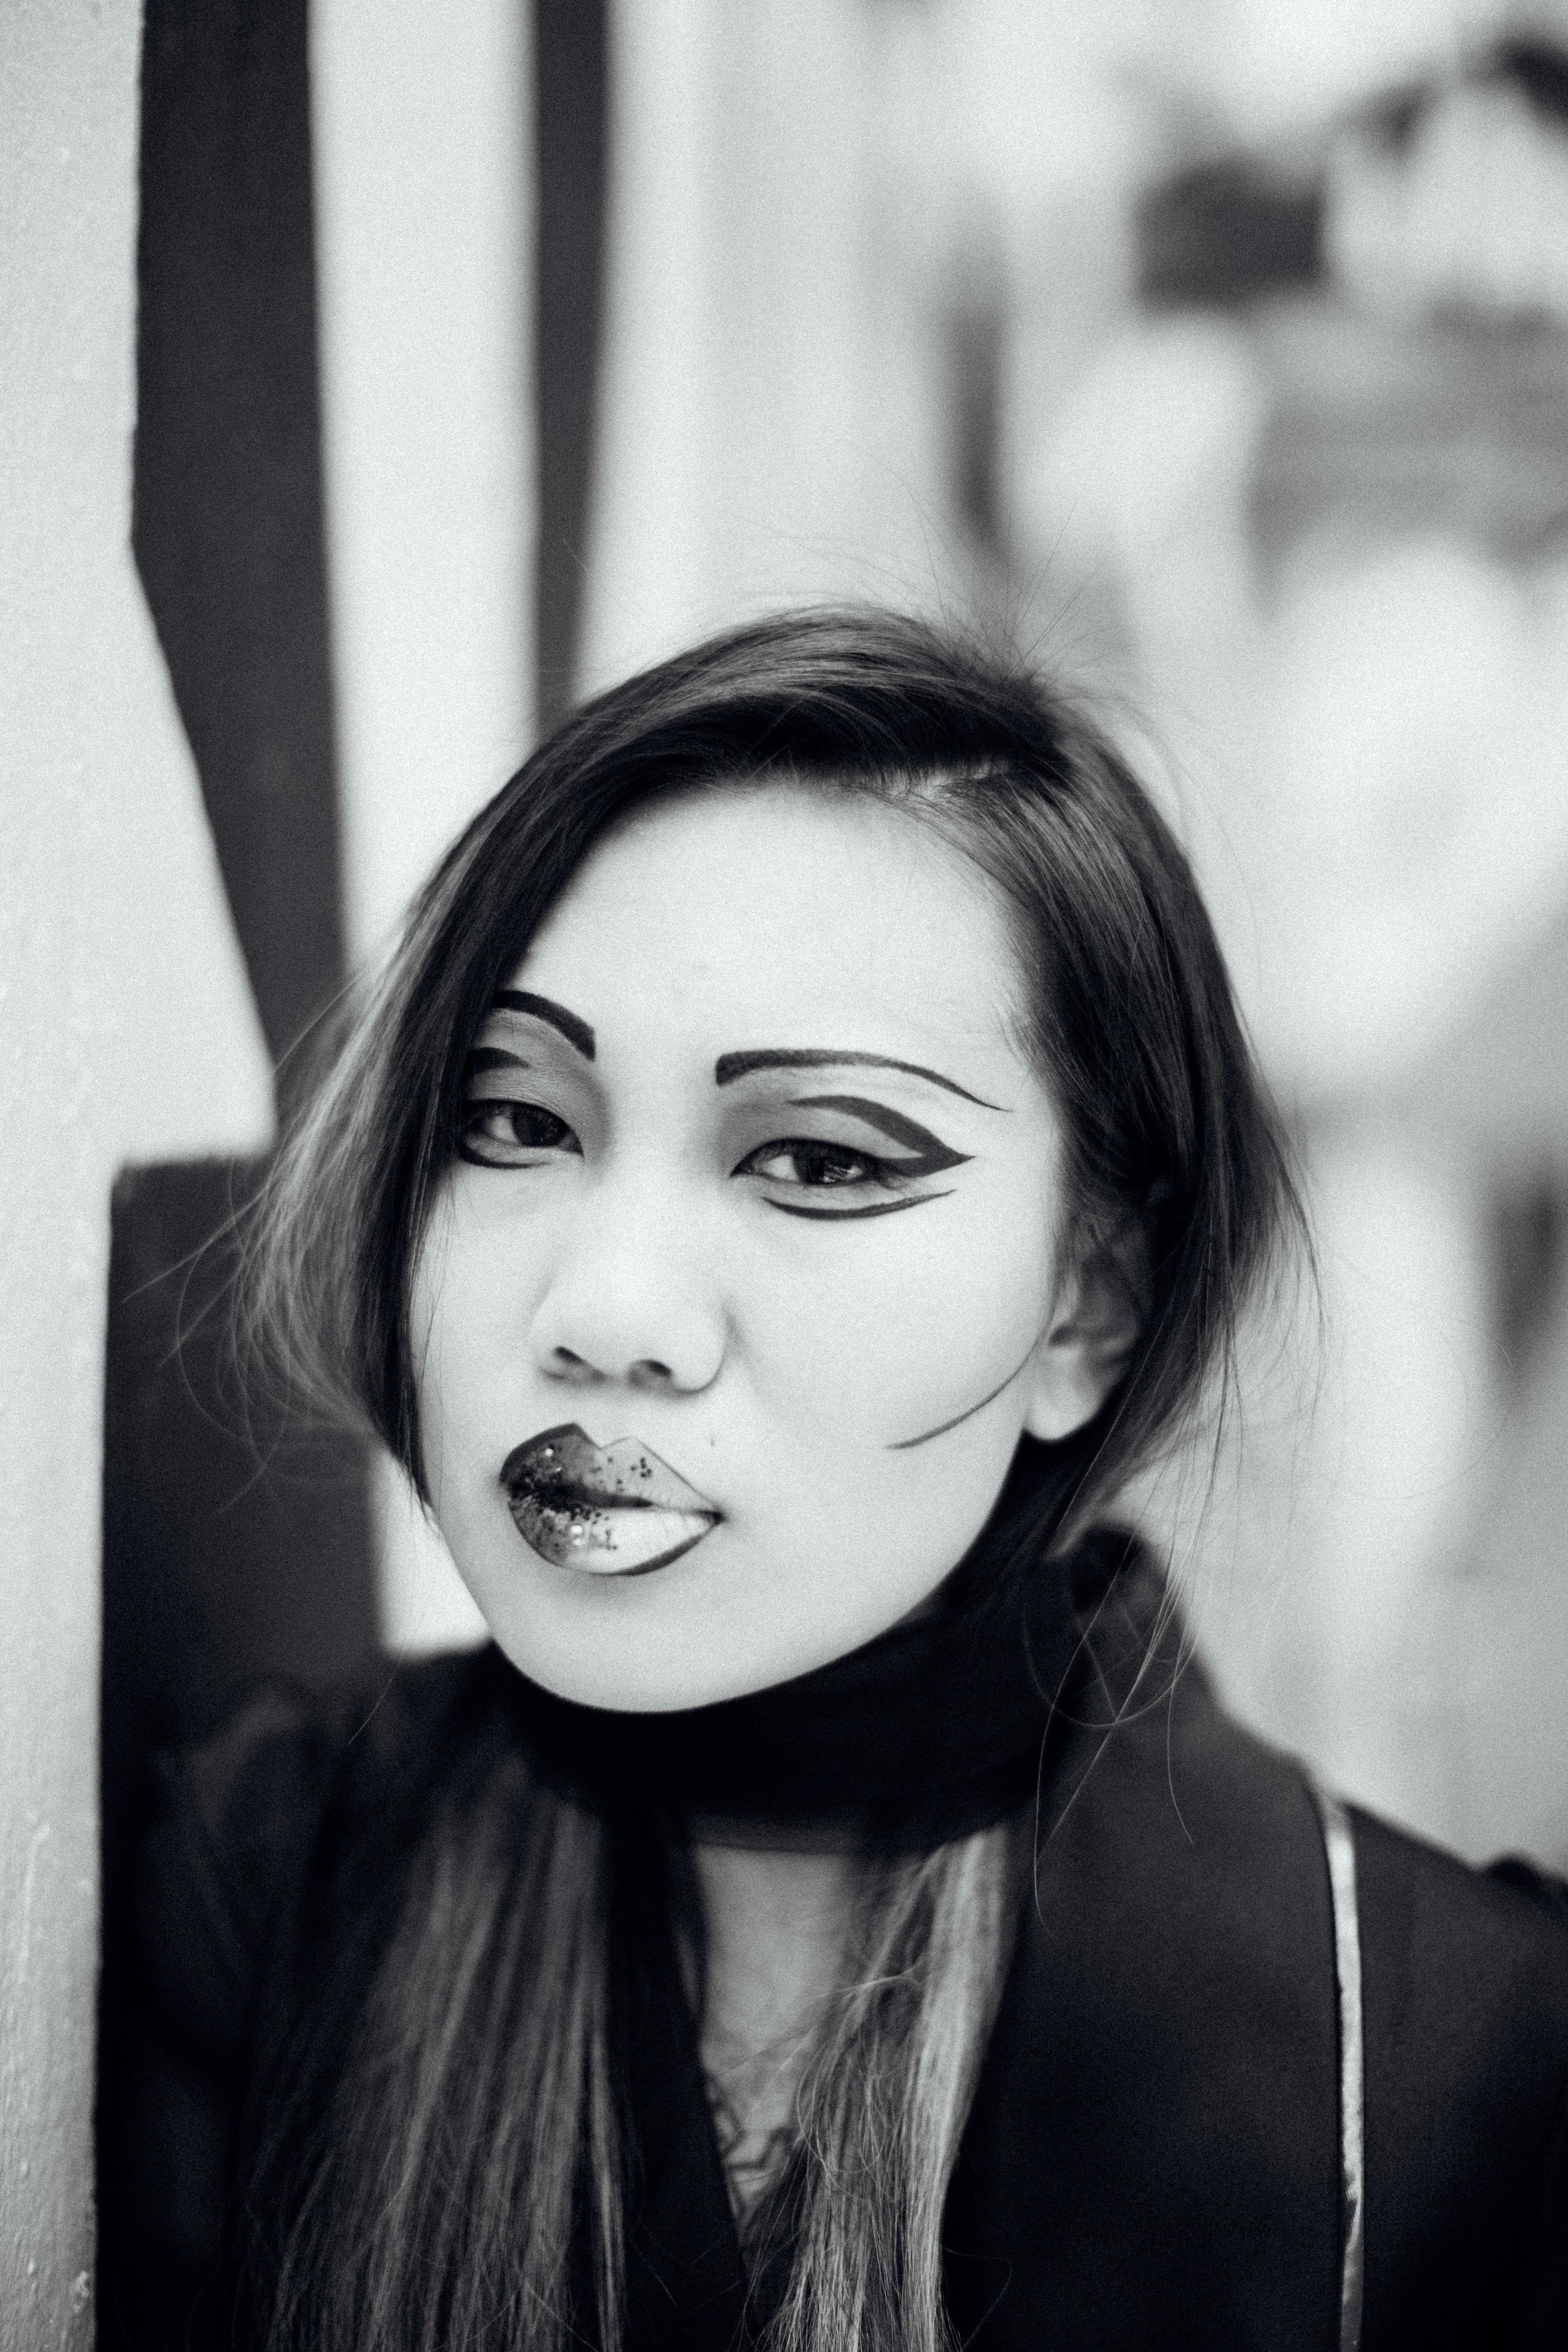 Velvet_Dust_Paracosm_Beauty_Editorial0007.jpg